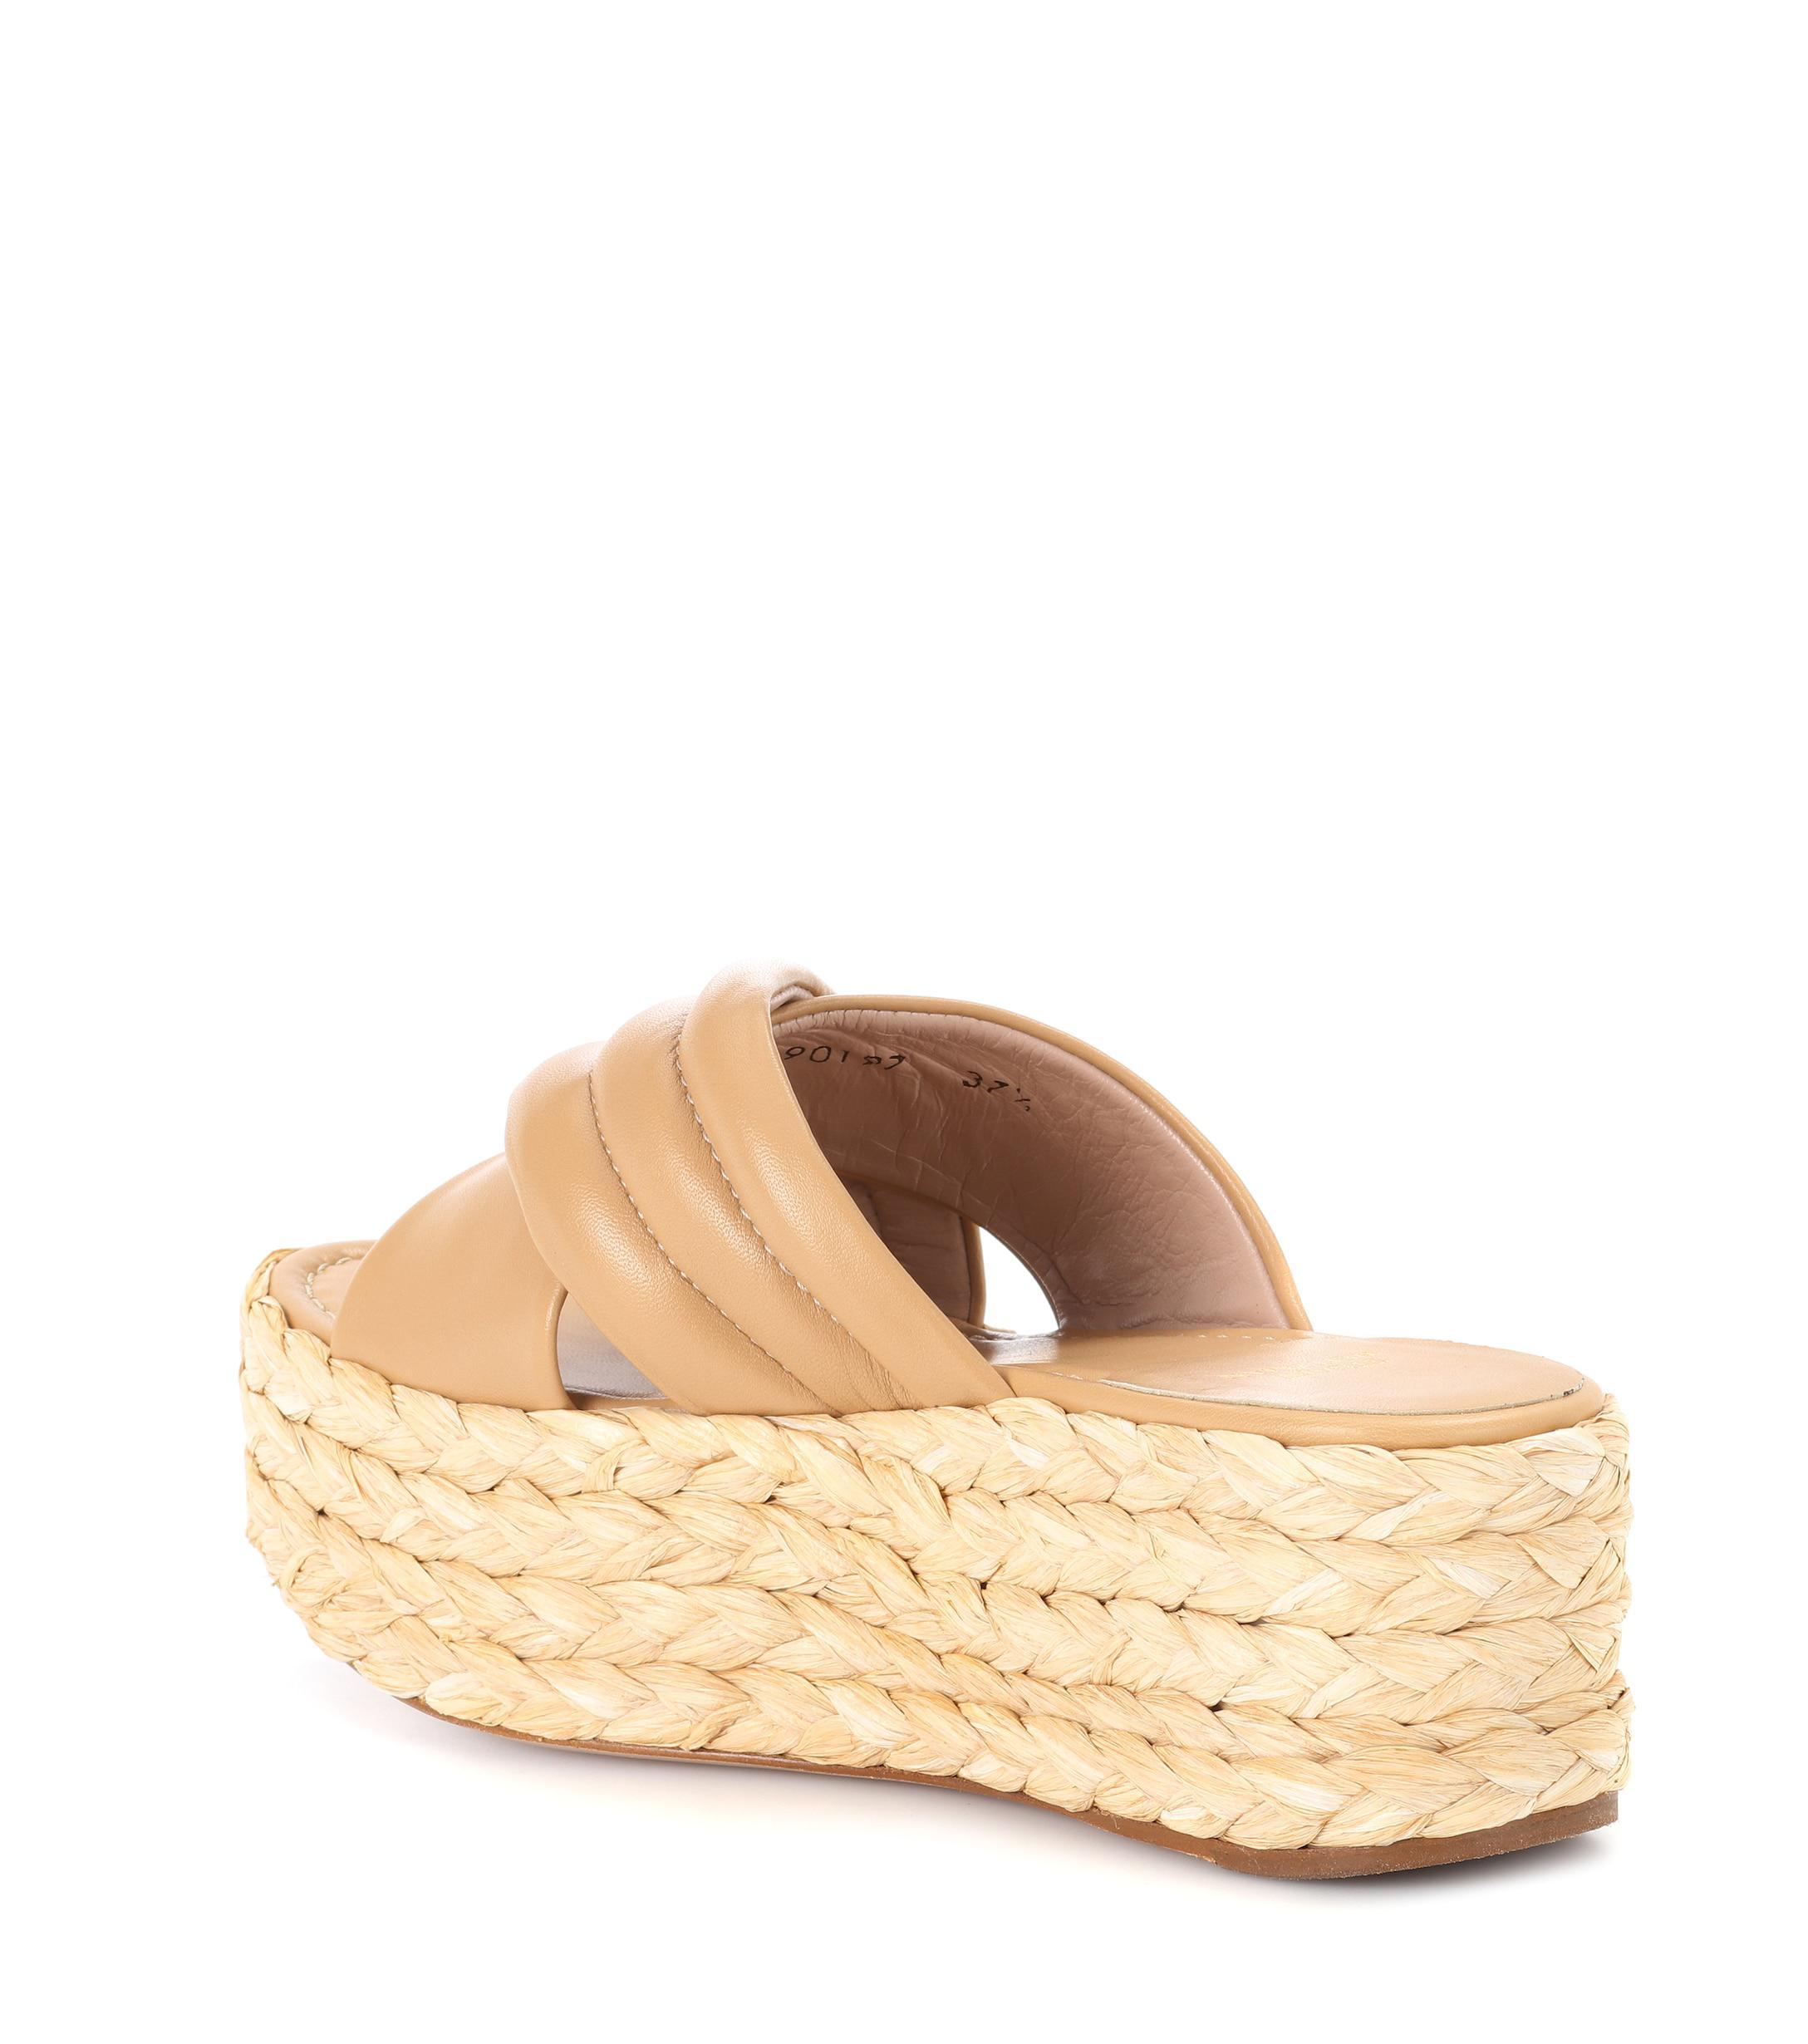 a919a1bd30d Stuart Weitzman - Natural Pufftopraffia Leather Platform Sandals - Lyst.  View fullscreen